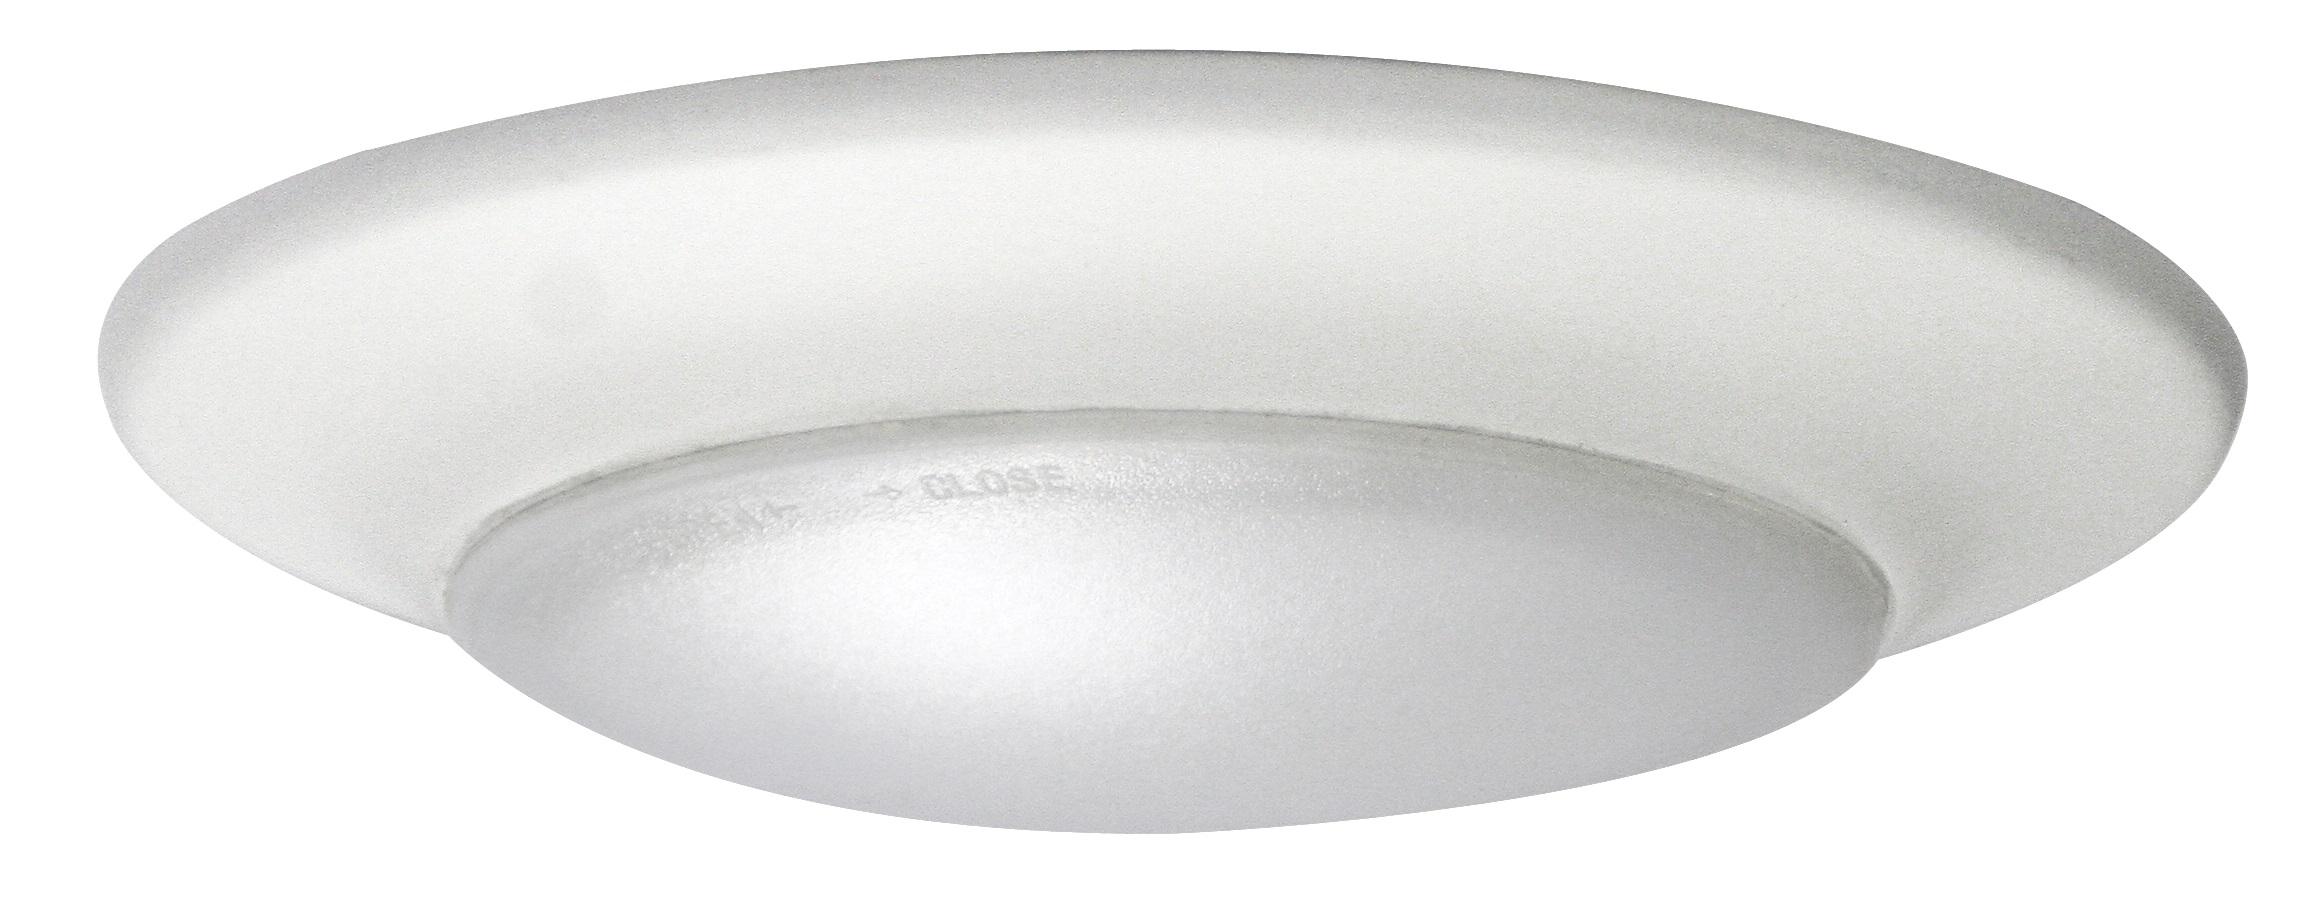 LED J-Box Low Profile Disk | 80 CRI